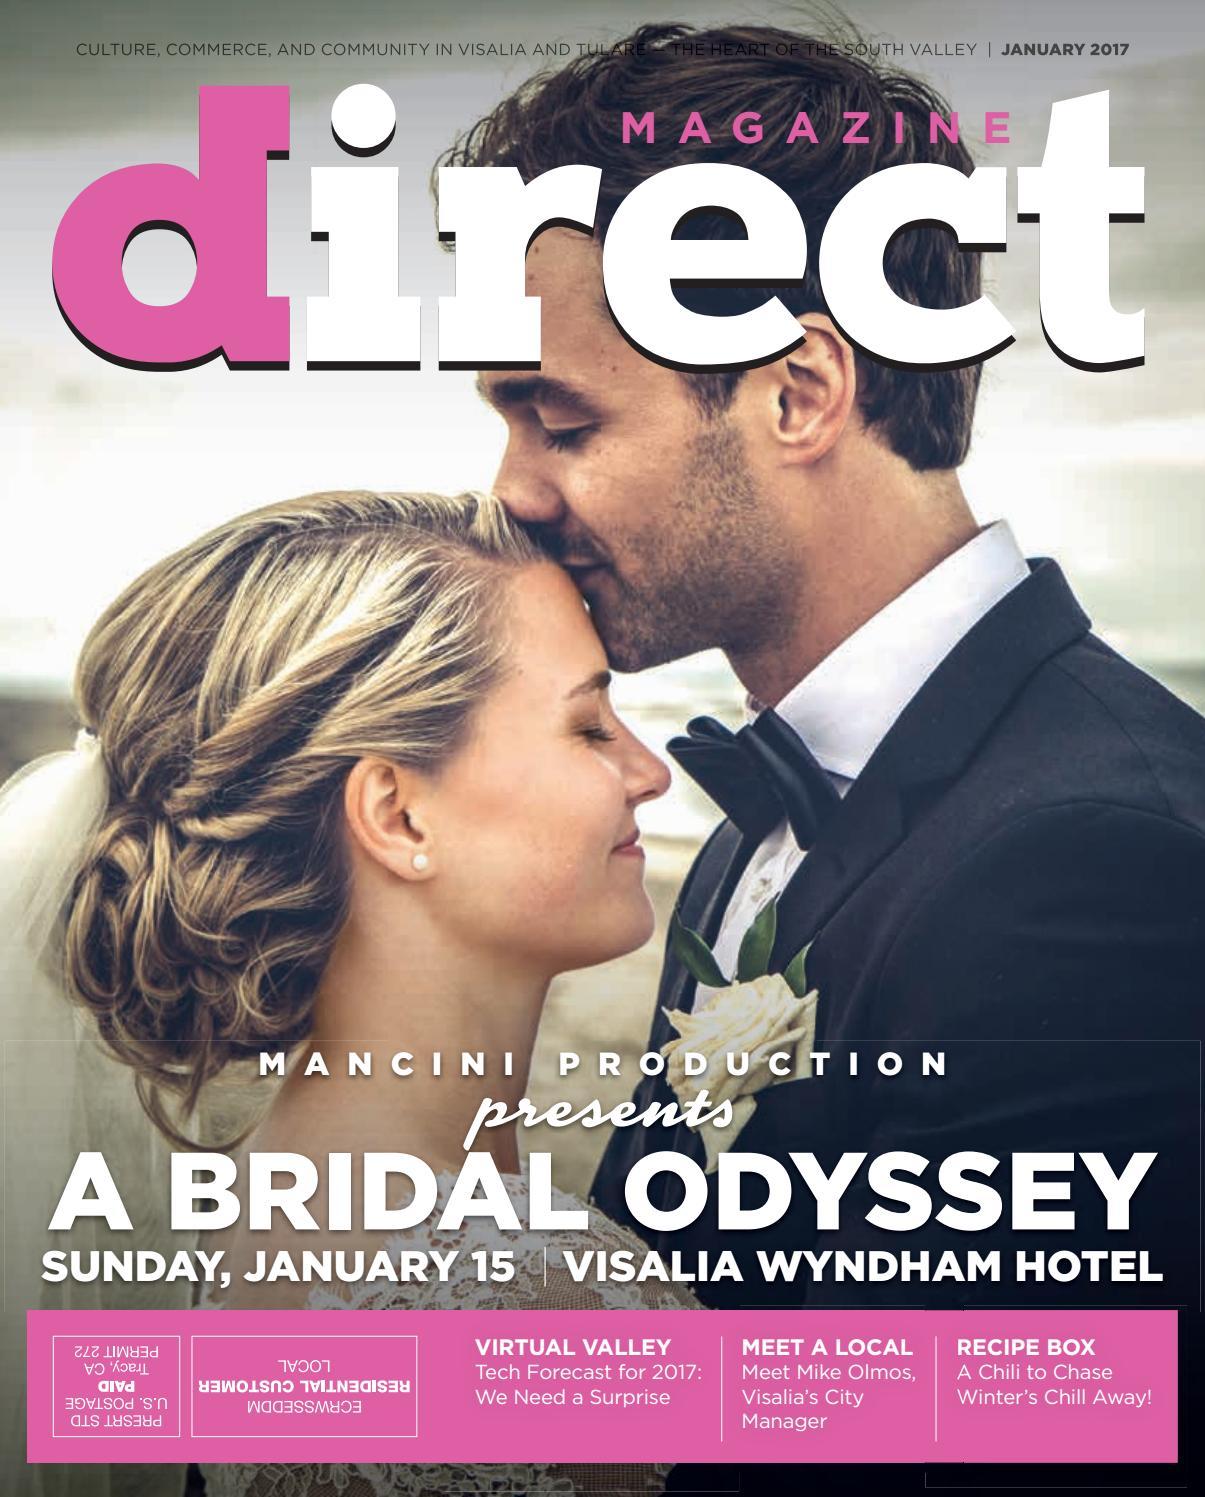 Direct Magazine - January 2017 by DMI Agency - issuu